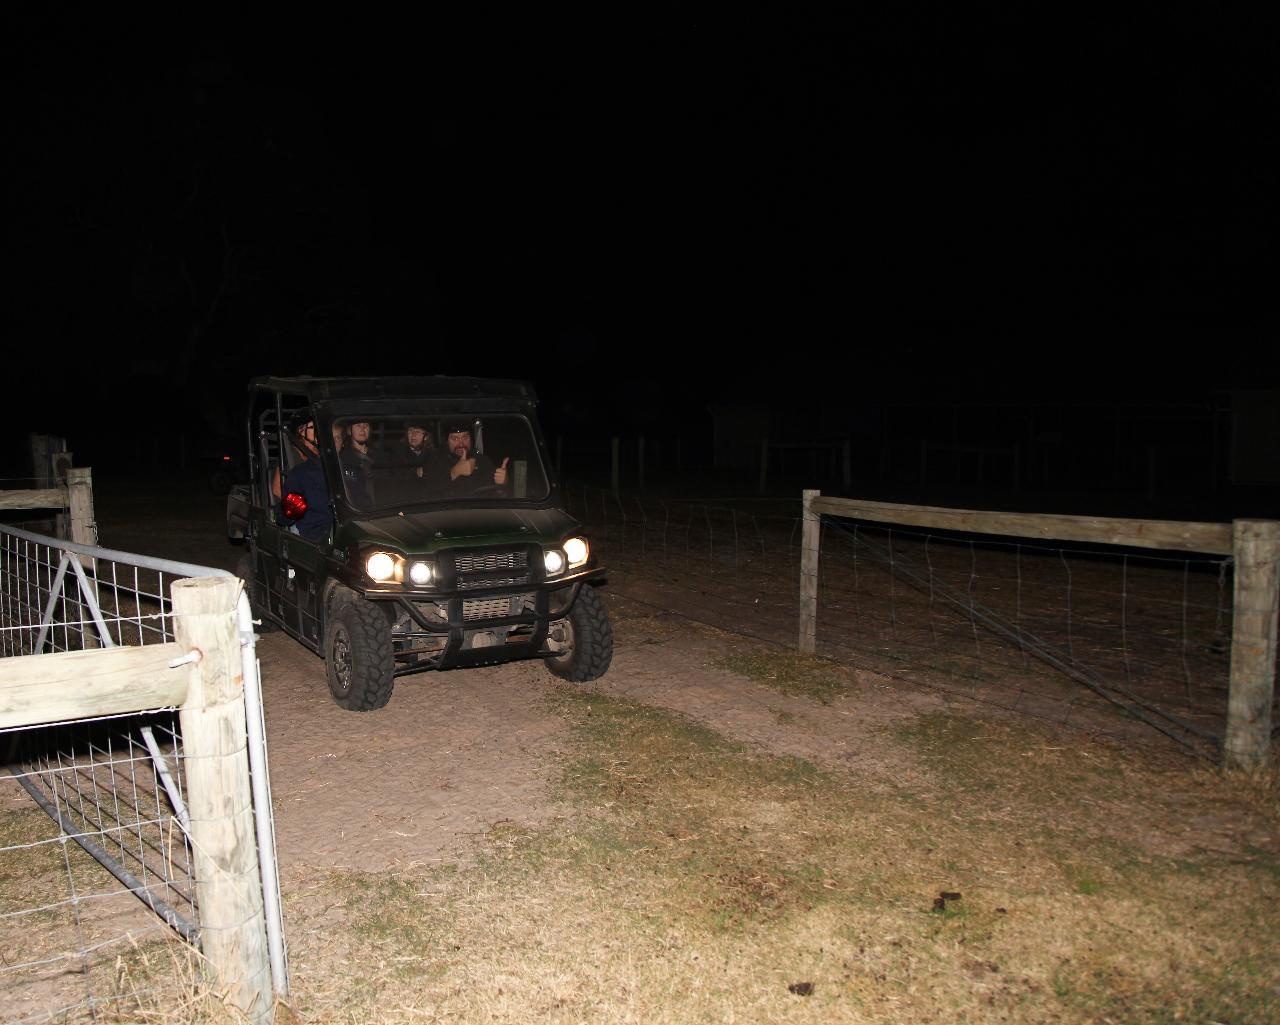 索夫特羊驼农场2小时夜间动物探险游